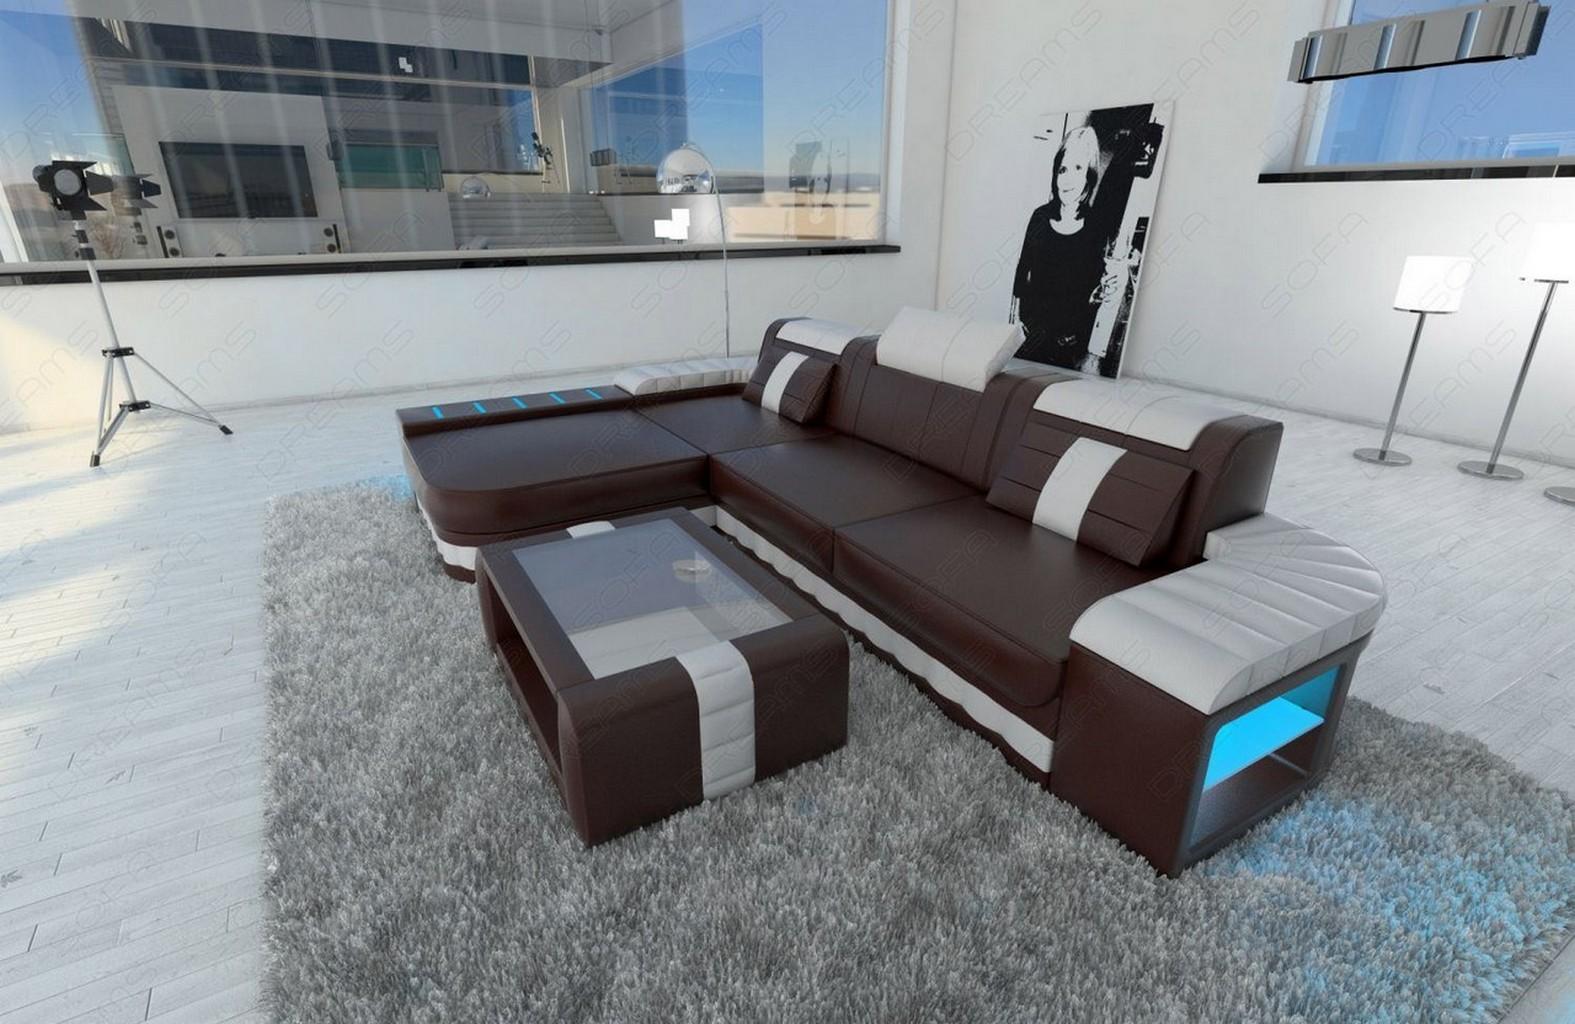 Bemerkenswert Couch L Form Ideen Von Article Description